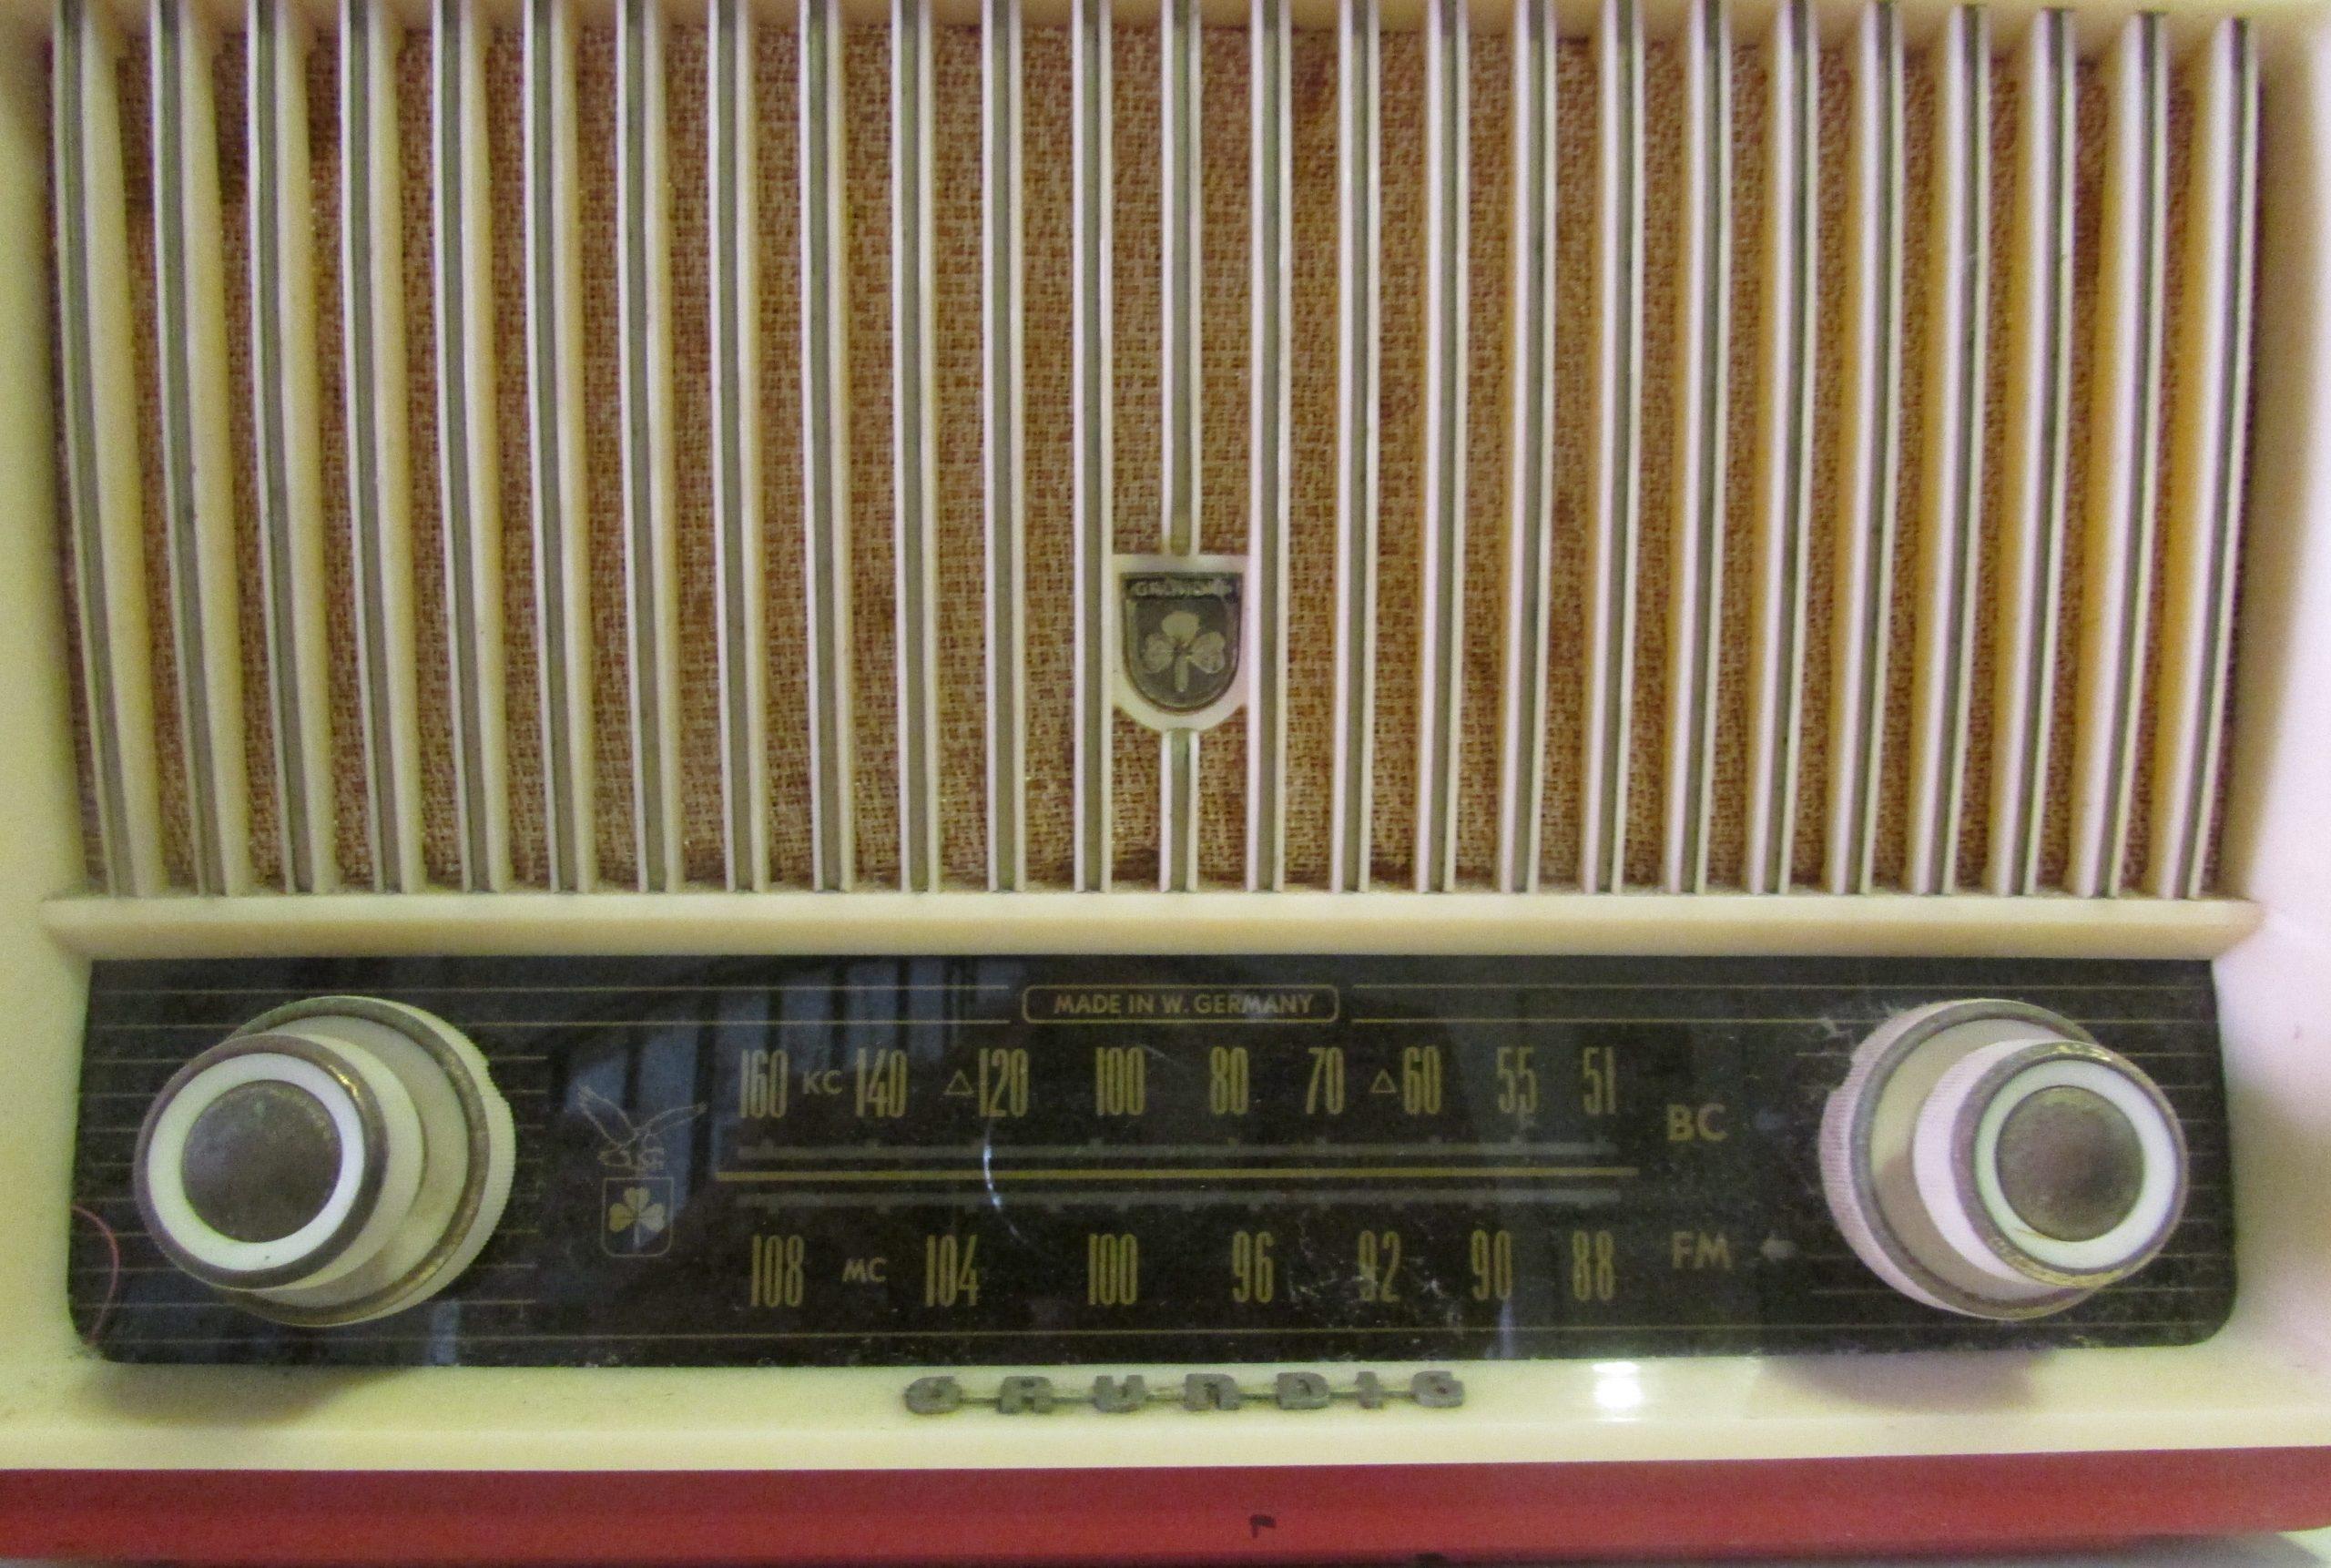 Hoy más que ayer, la radio en 2016 enfrenta fuertes retos ante los crecientes cambios tecnológicos. (archivo Fundación Nacional para la Cultura Popular)